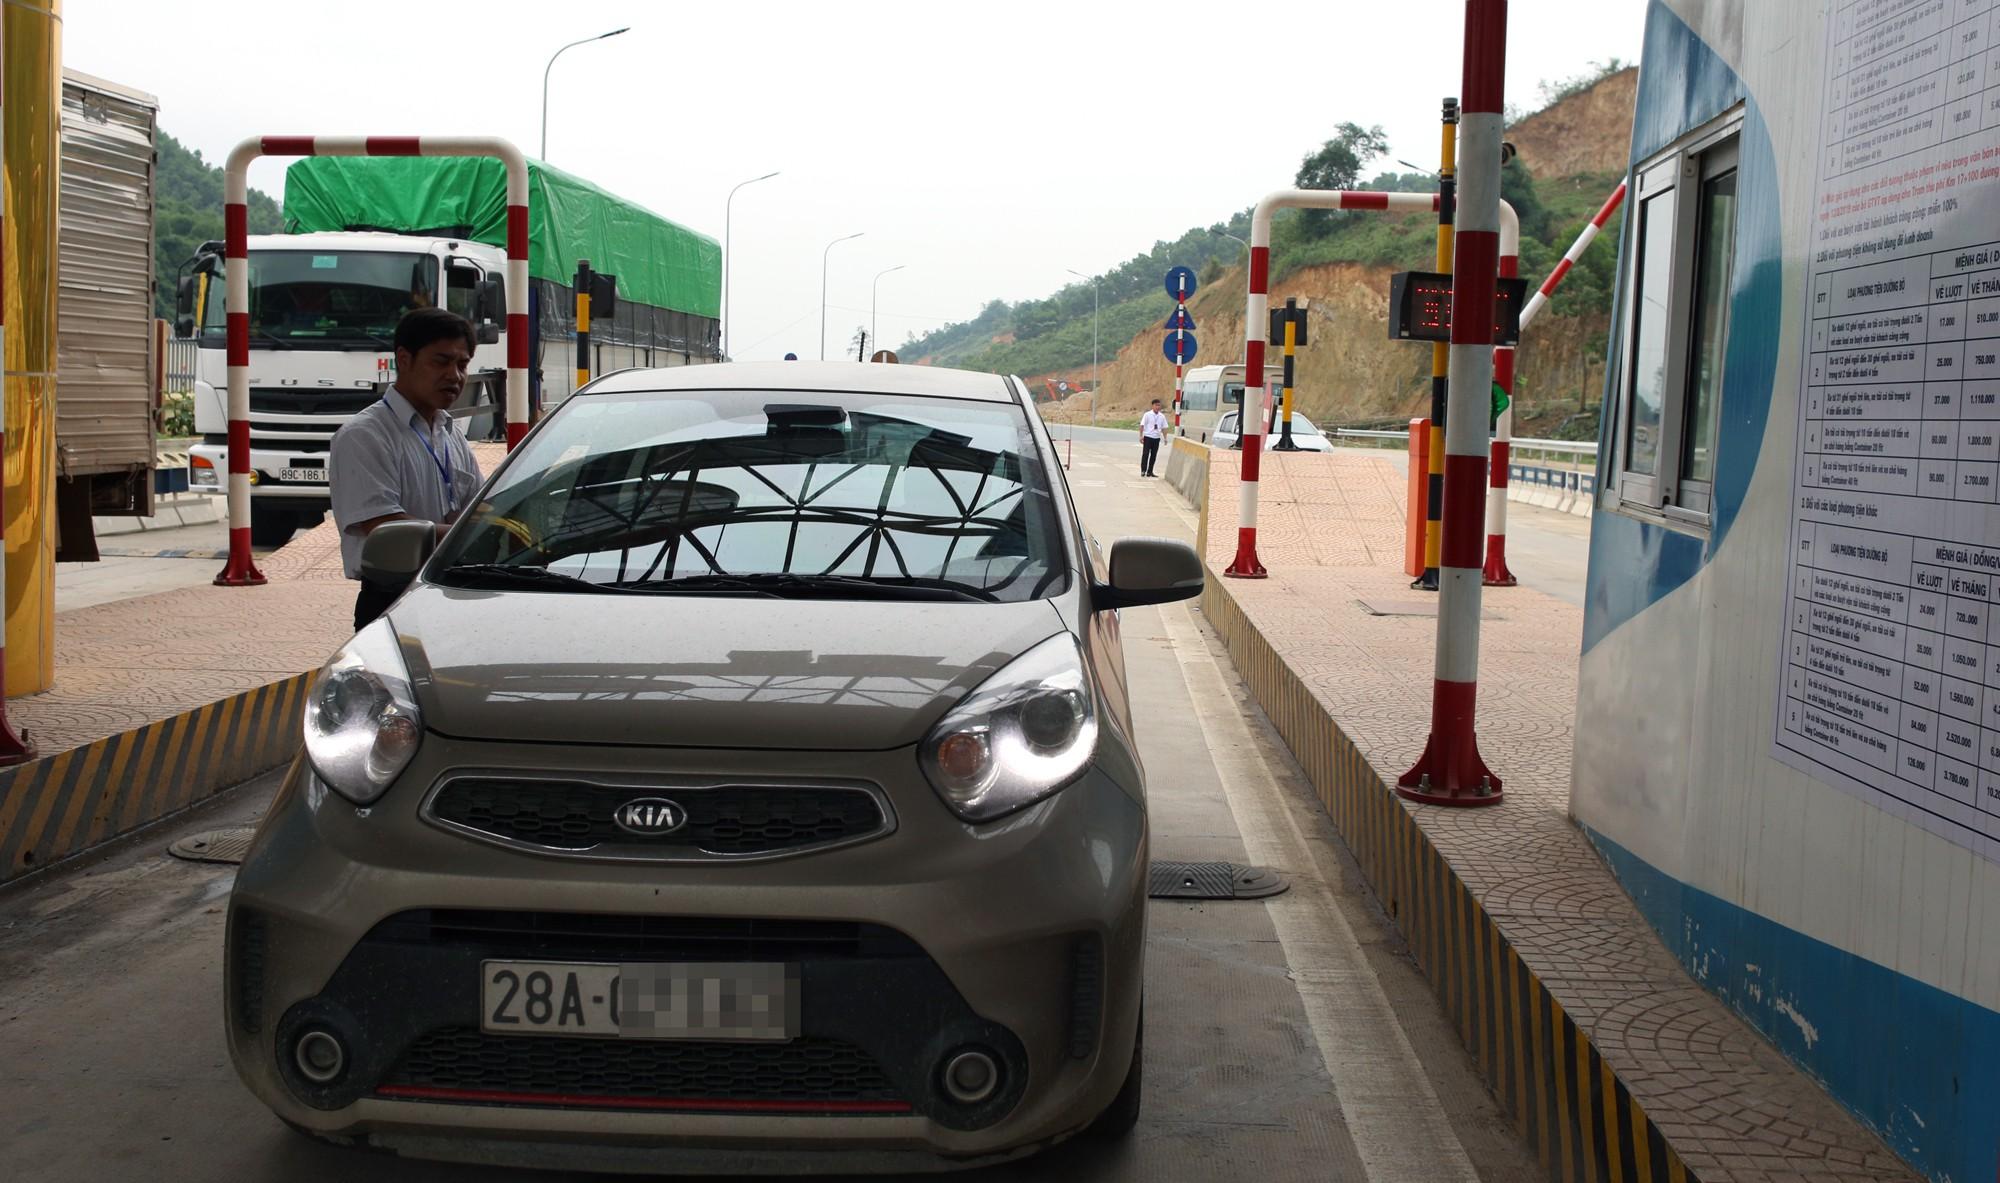 Lãnh đạo trạm BOT Hòa Lạc - Hòa Bình bỏ 17.500 đồng tiền túi mua vé hộ chủ xe con - Ảnh 8.